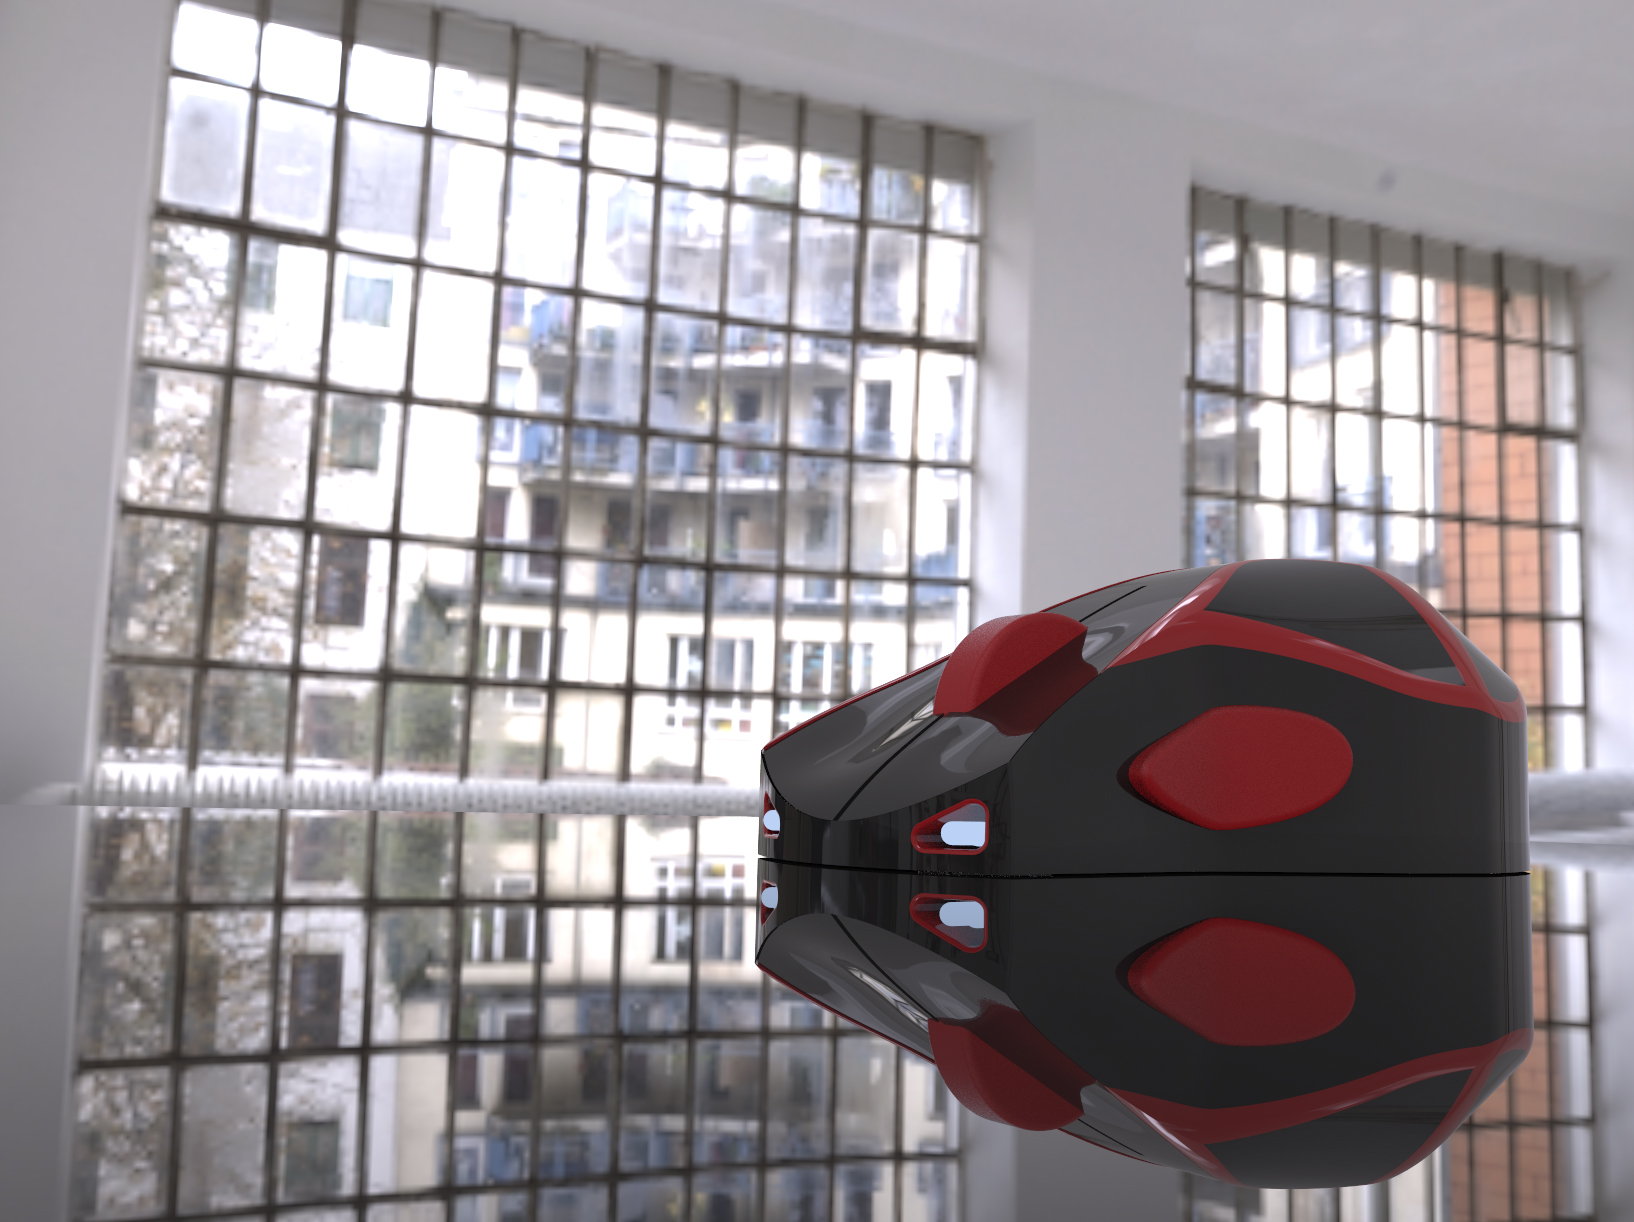 Computer Mouse Concept (2016)